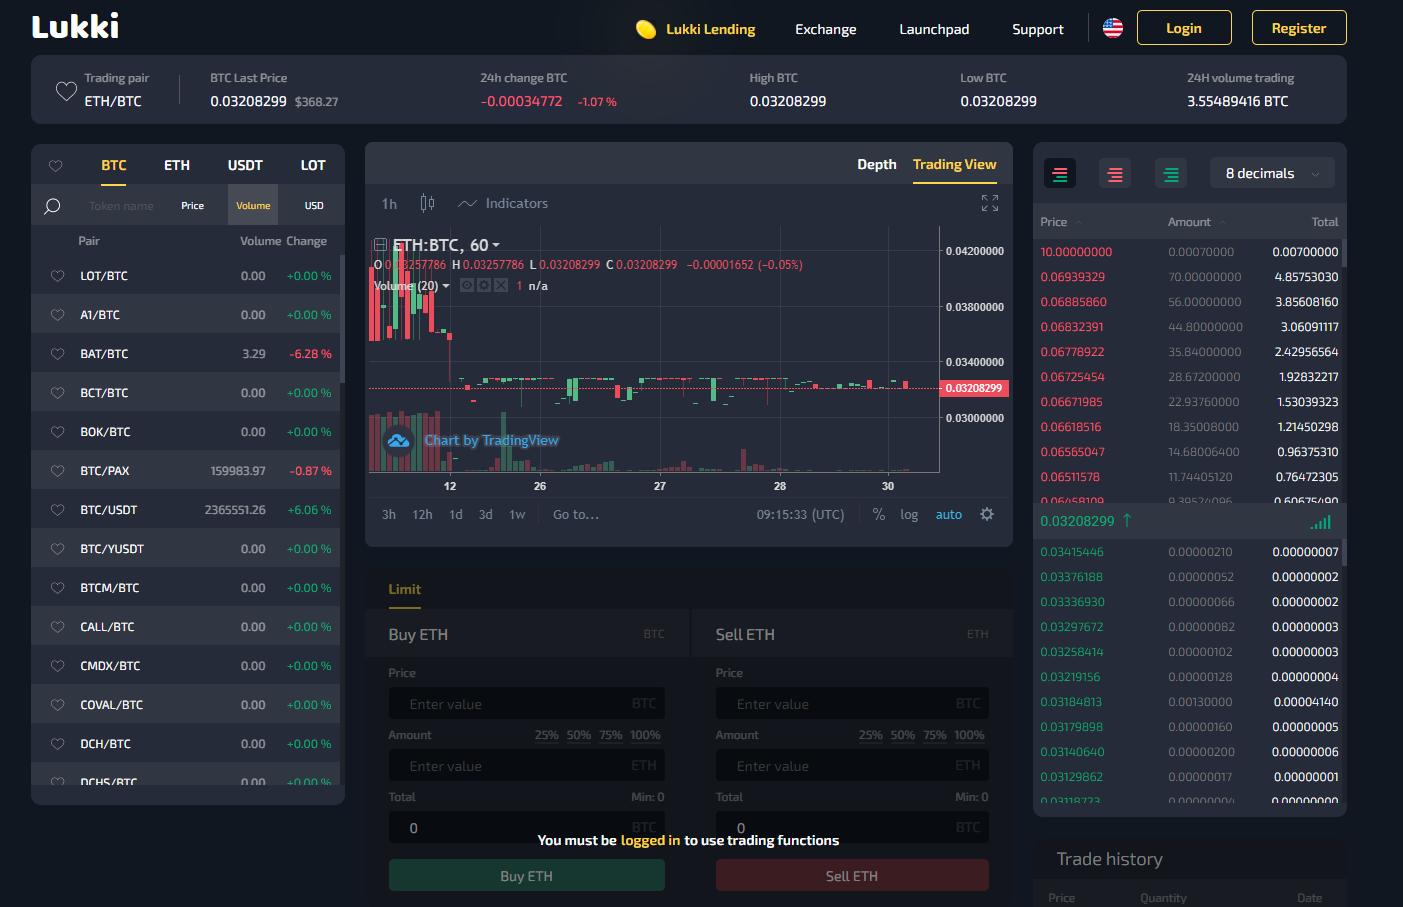 Lukki Exchange Trading View